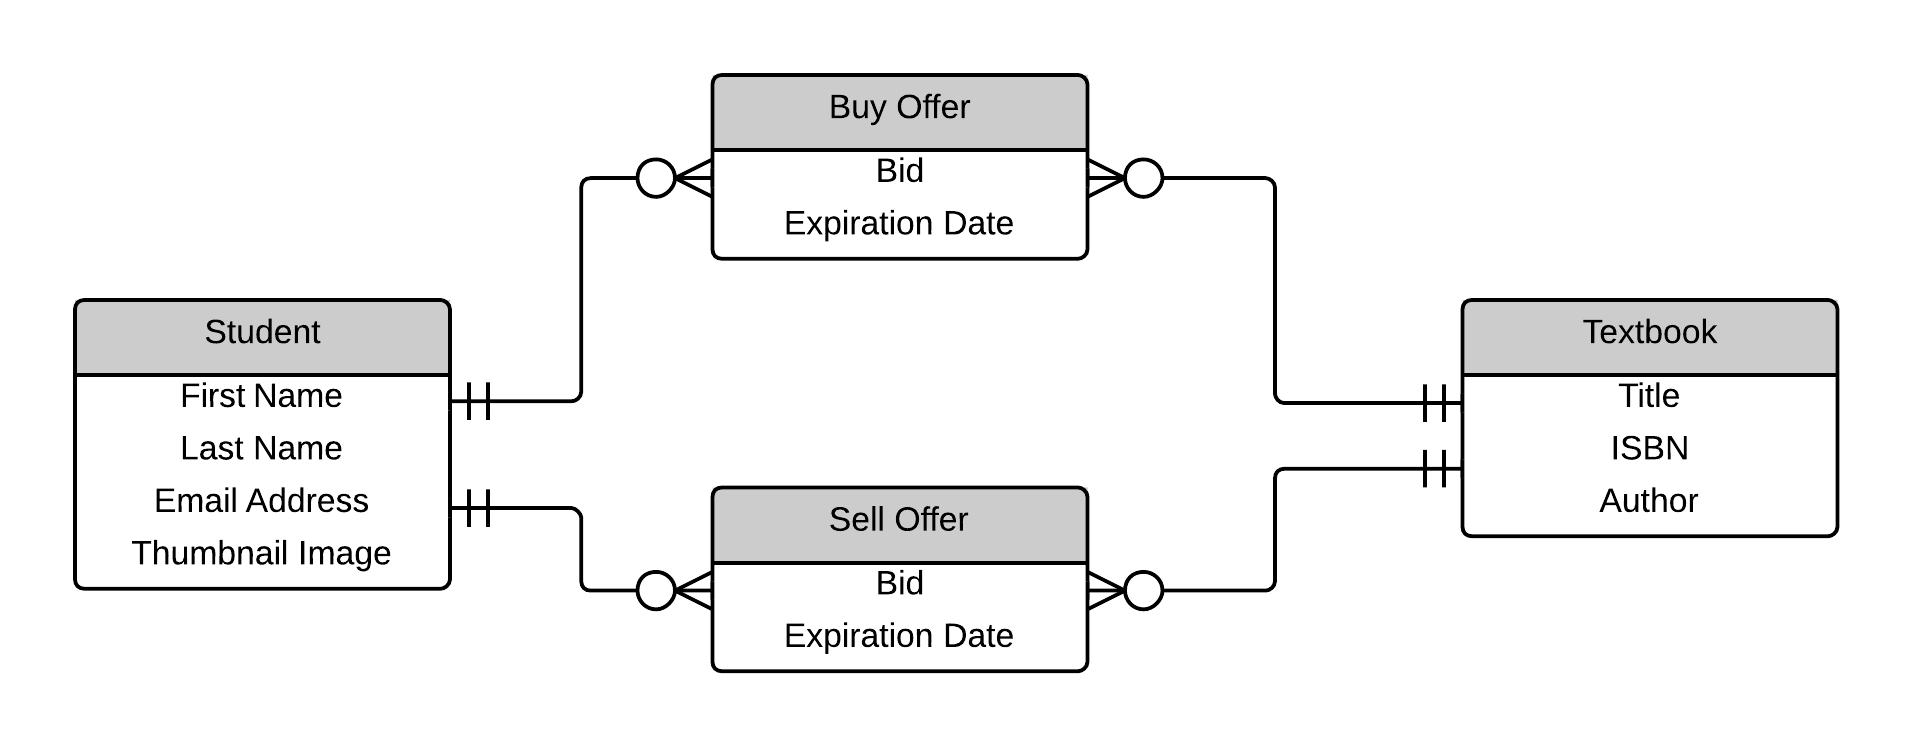 Textbook Mania Er Diagram Wod | Evan Komiyama regarding 1 To Many Er Diagram